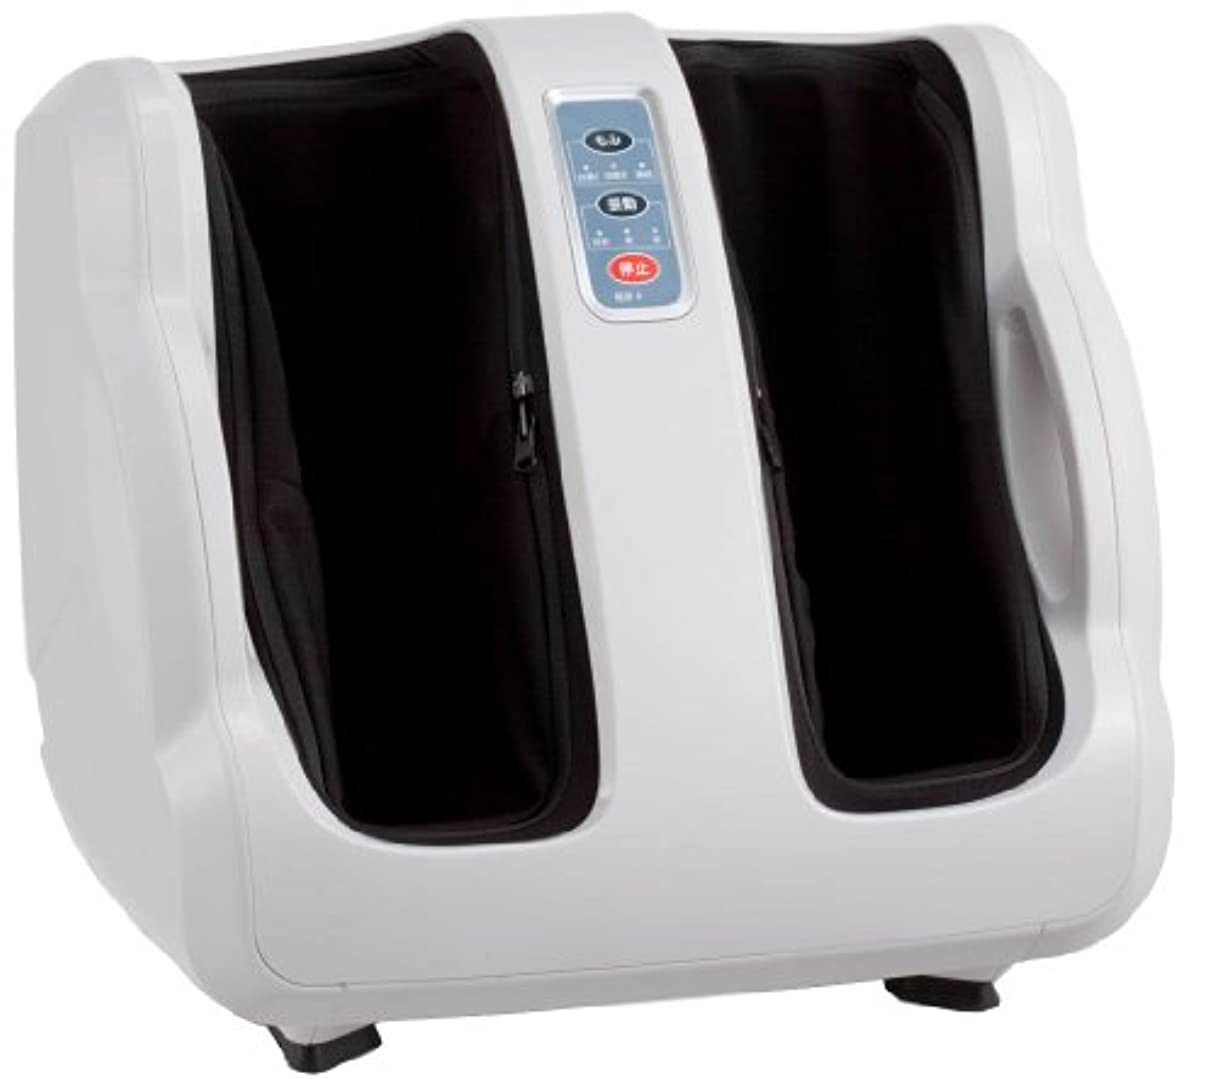 ナイロン含む助けになるスライヴ(THRIVE) フットマッサージャー アトミックギアー ホワイト MD-7100(W)